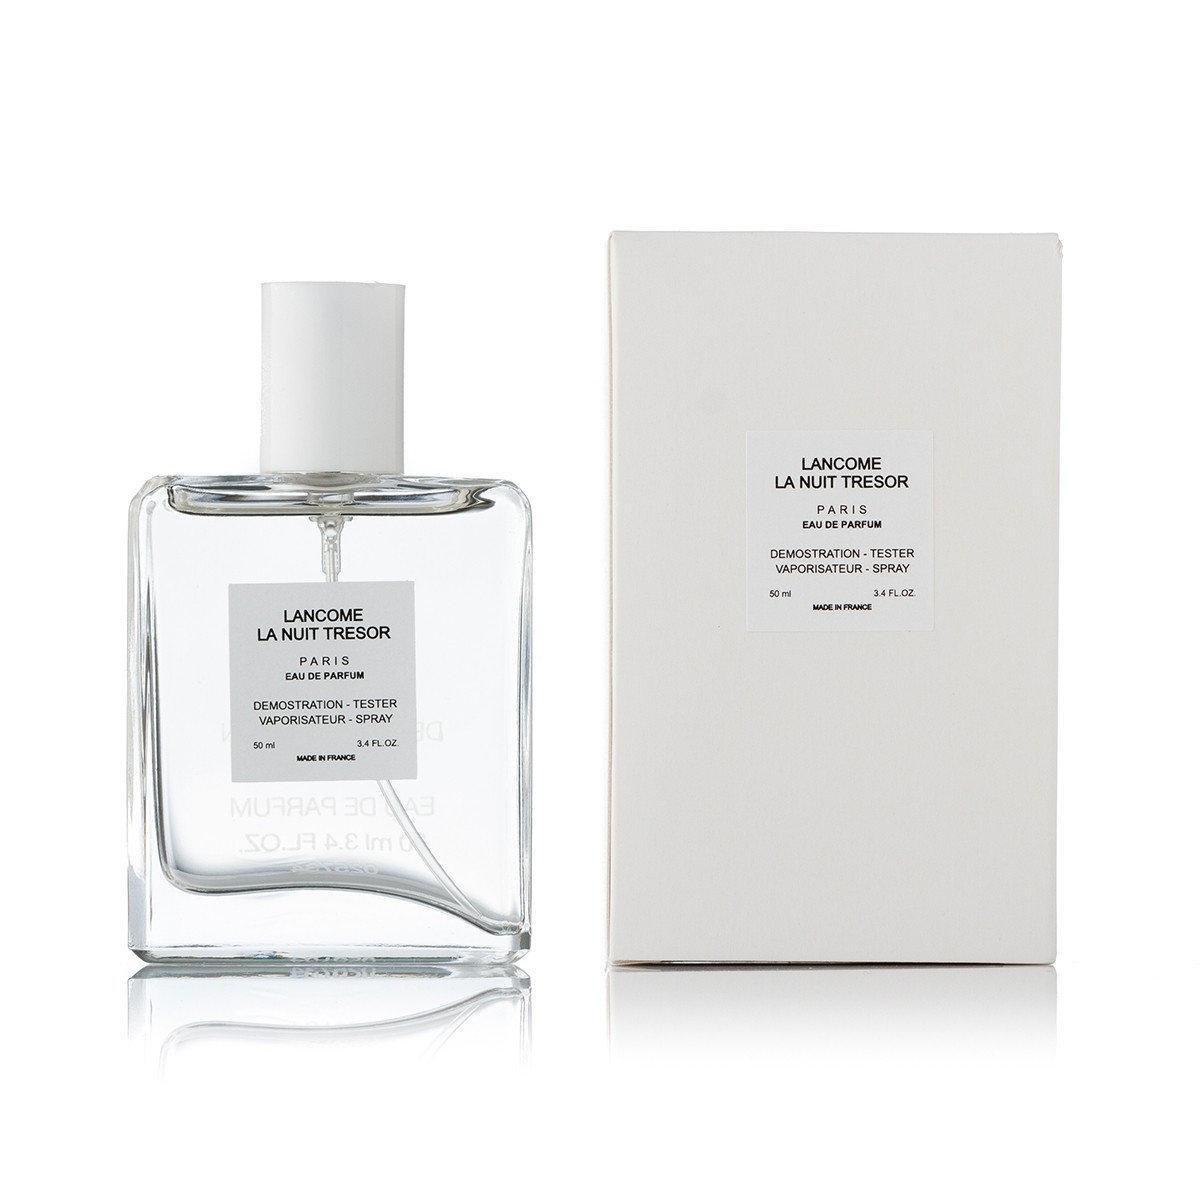 Женский парфюм Lancome La Nuit Tresor (ланком ля нуит трезор) тестер 50 ml (реплика)